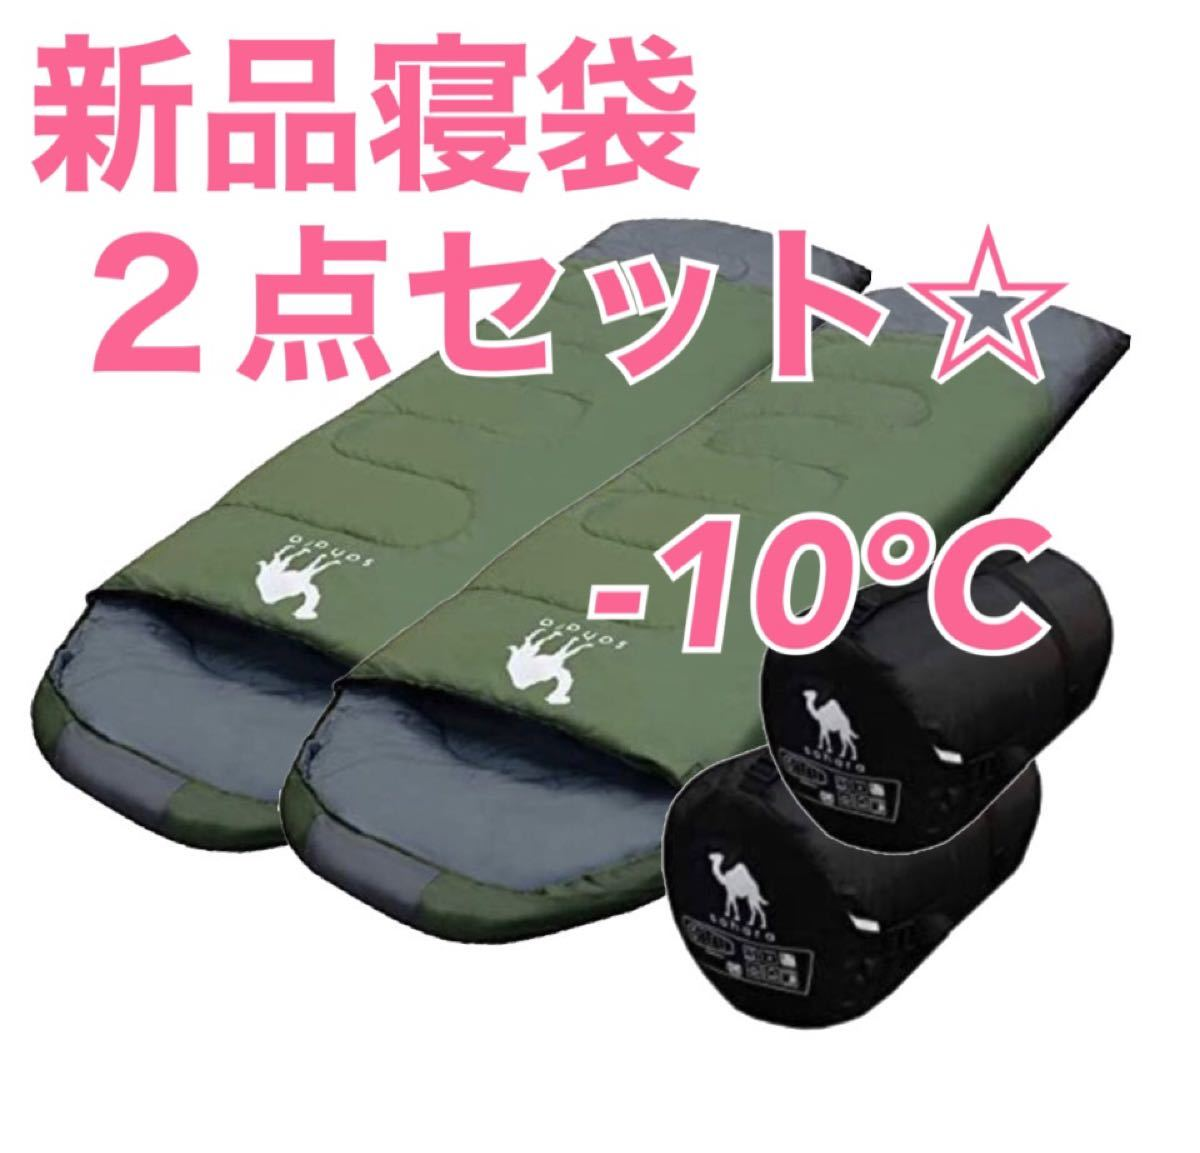 寝袋シュラフ 封筒型 丸洗い抗菌使用 最低使用温度-10°C ダークグリーン 2点セット